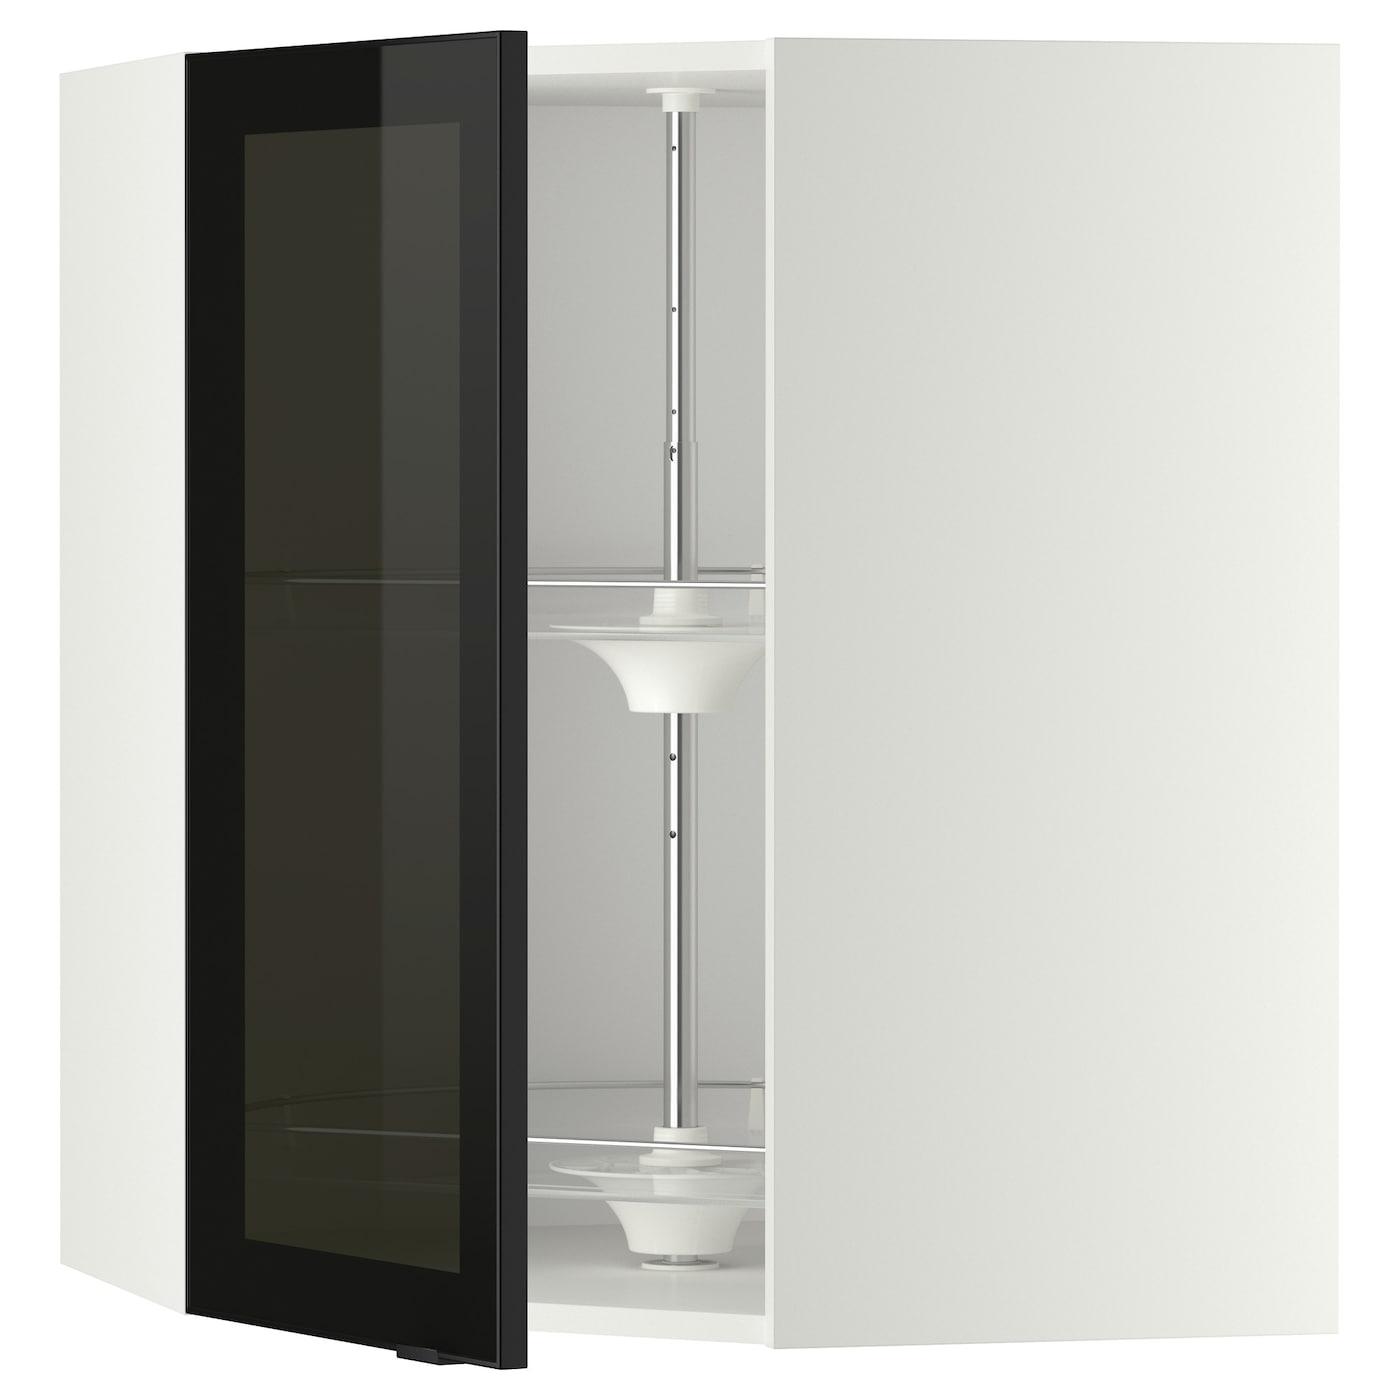 metod bovenhoekkast carrousel vitrinedeur wit jutis rookkleurig glas 68 x 80 cm ikea. Black Bedroom Furniture Sets. Home Design Ideas